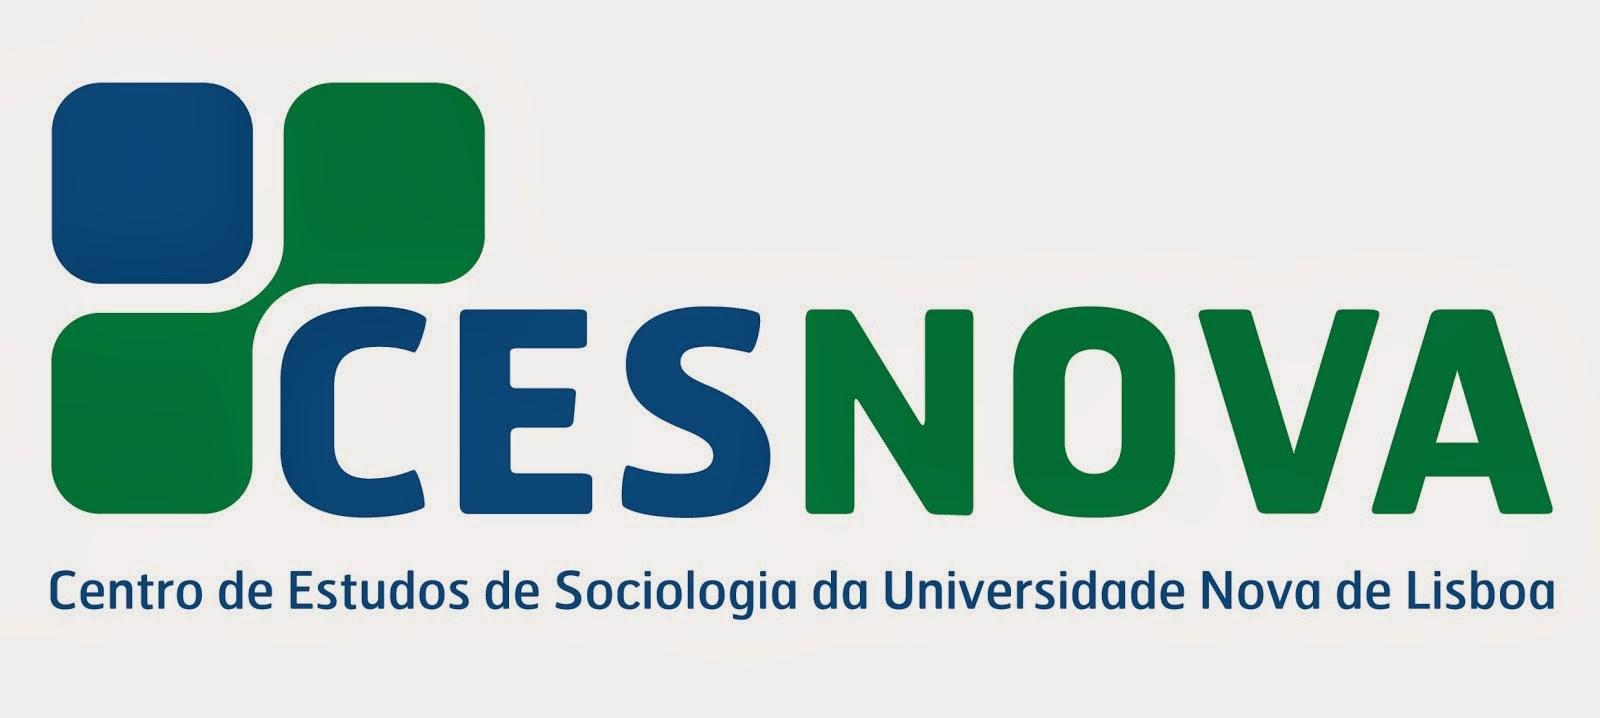 Centre for Sociological Studies - New University of Lisbon